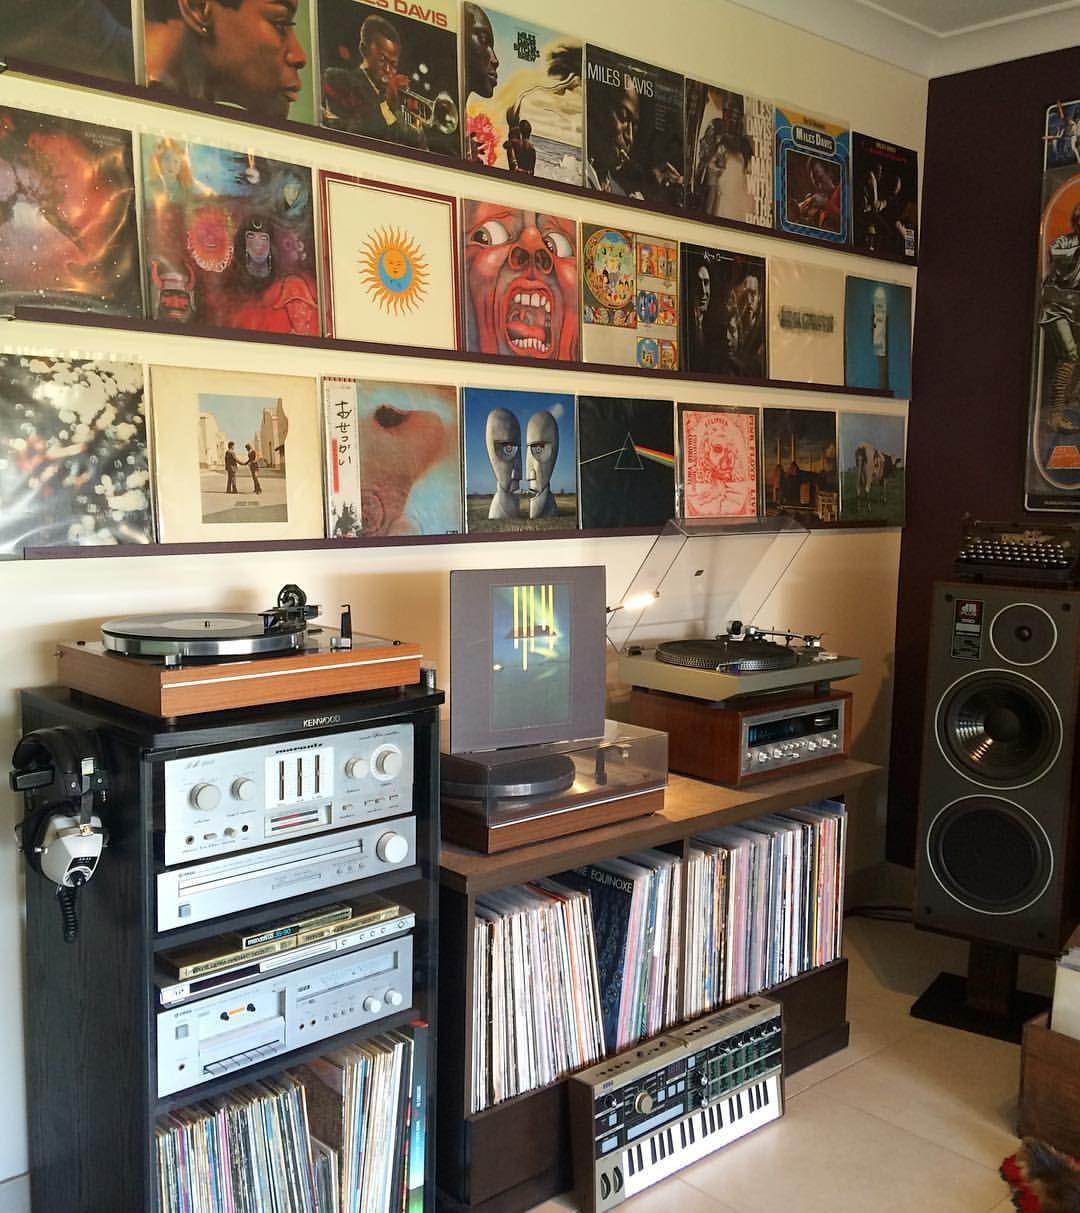 Epingle Par Abel Vinum Sur Musique Stockage De Disque Vinyle Meuble Vinyle Rangement Vinyle